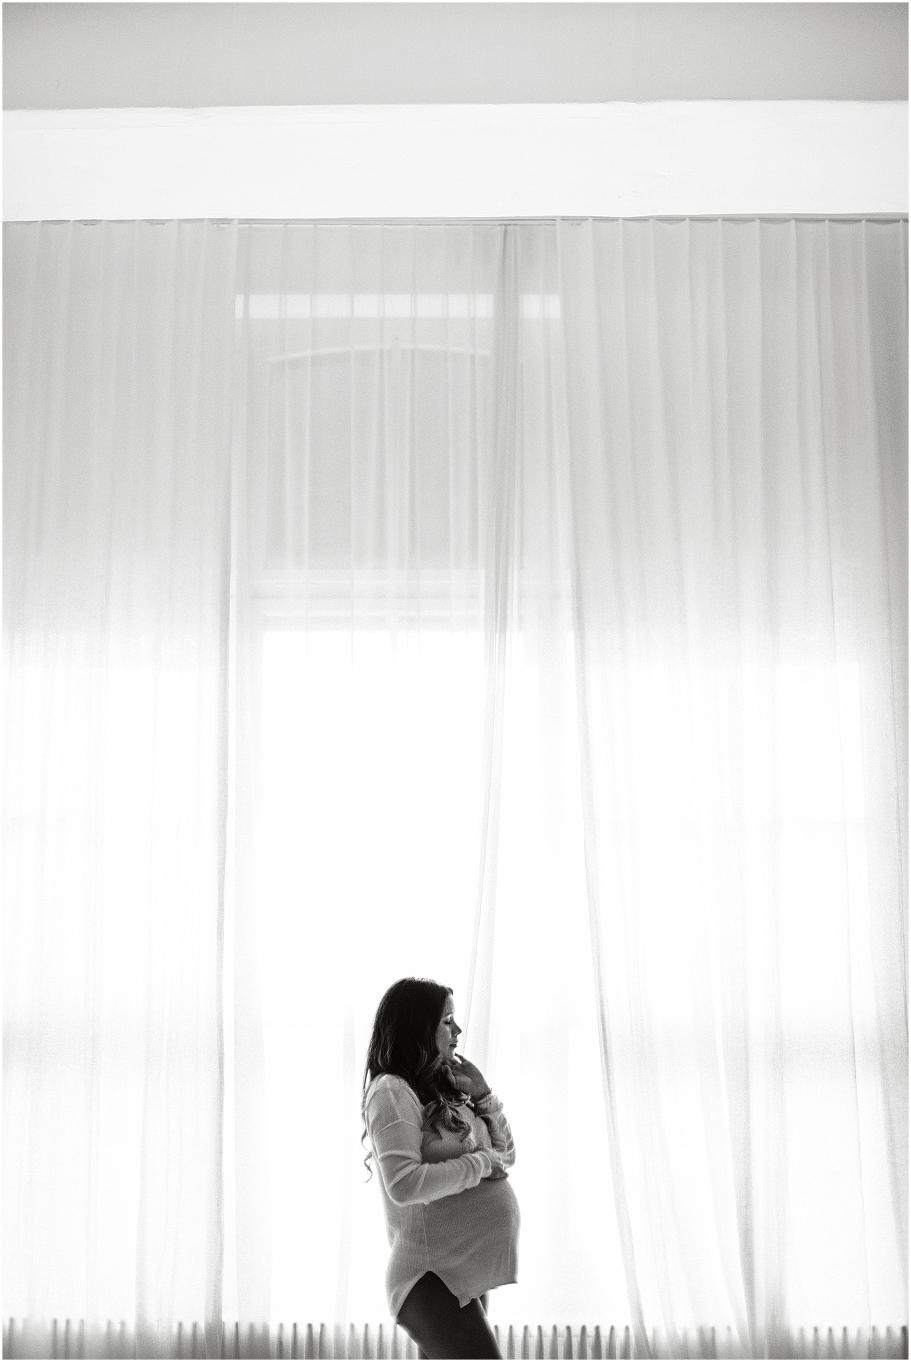 Corinne Chollet, Schwangerschaftsbilder, Schwangerschaftsfotograf, Schwangerschaftsfoto; Babybauch Foto, Babybauch Bilder, Babybauch Fotograf, natürliche Babybauchbilder, Fotograf St. Gallen, Fotograf Arbon, Fotograf Ostschweiz